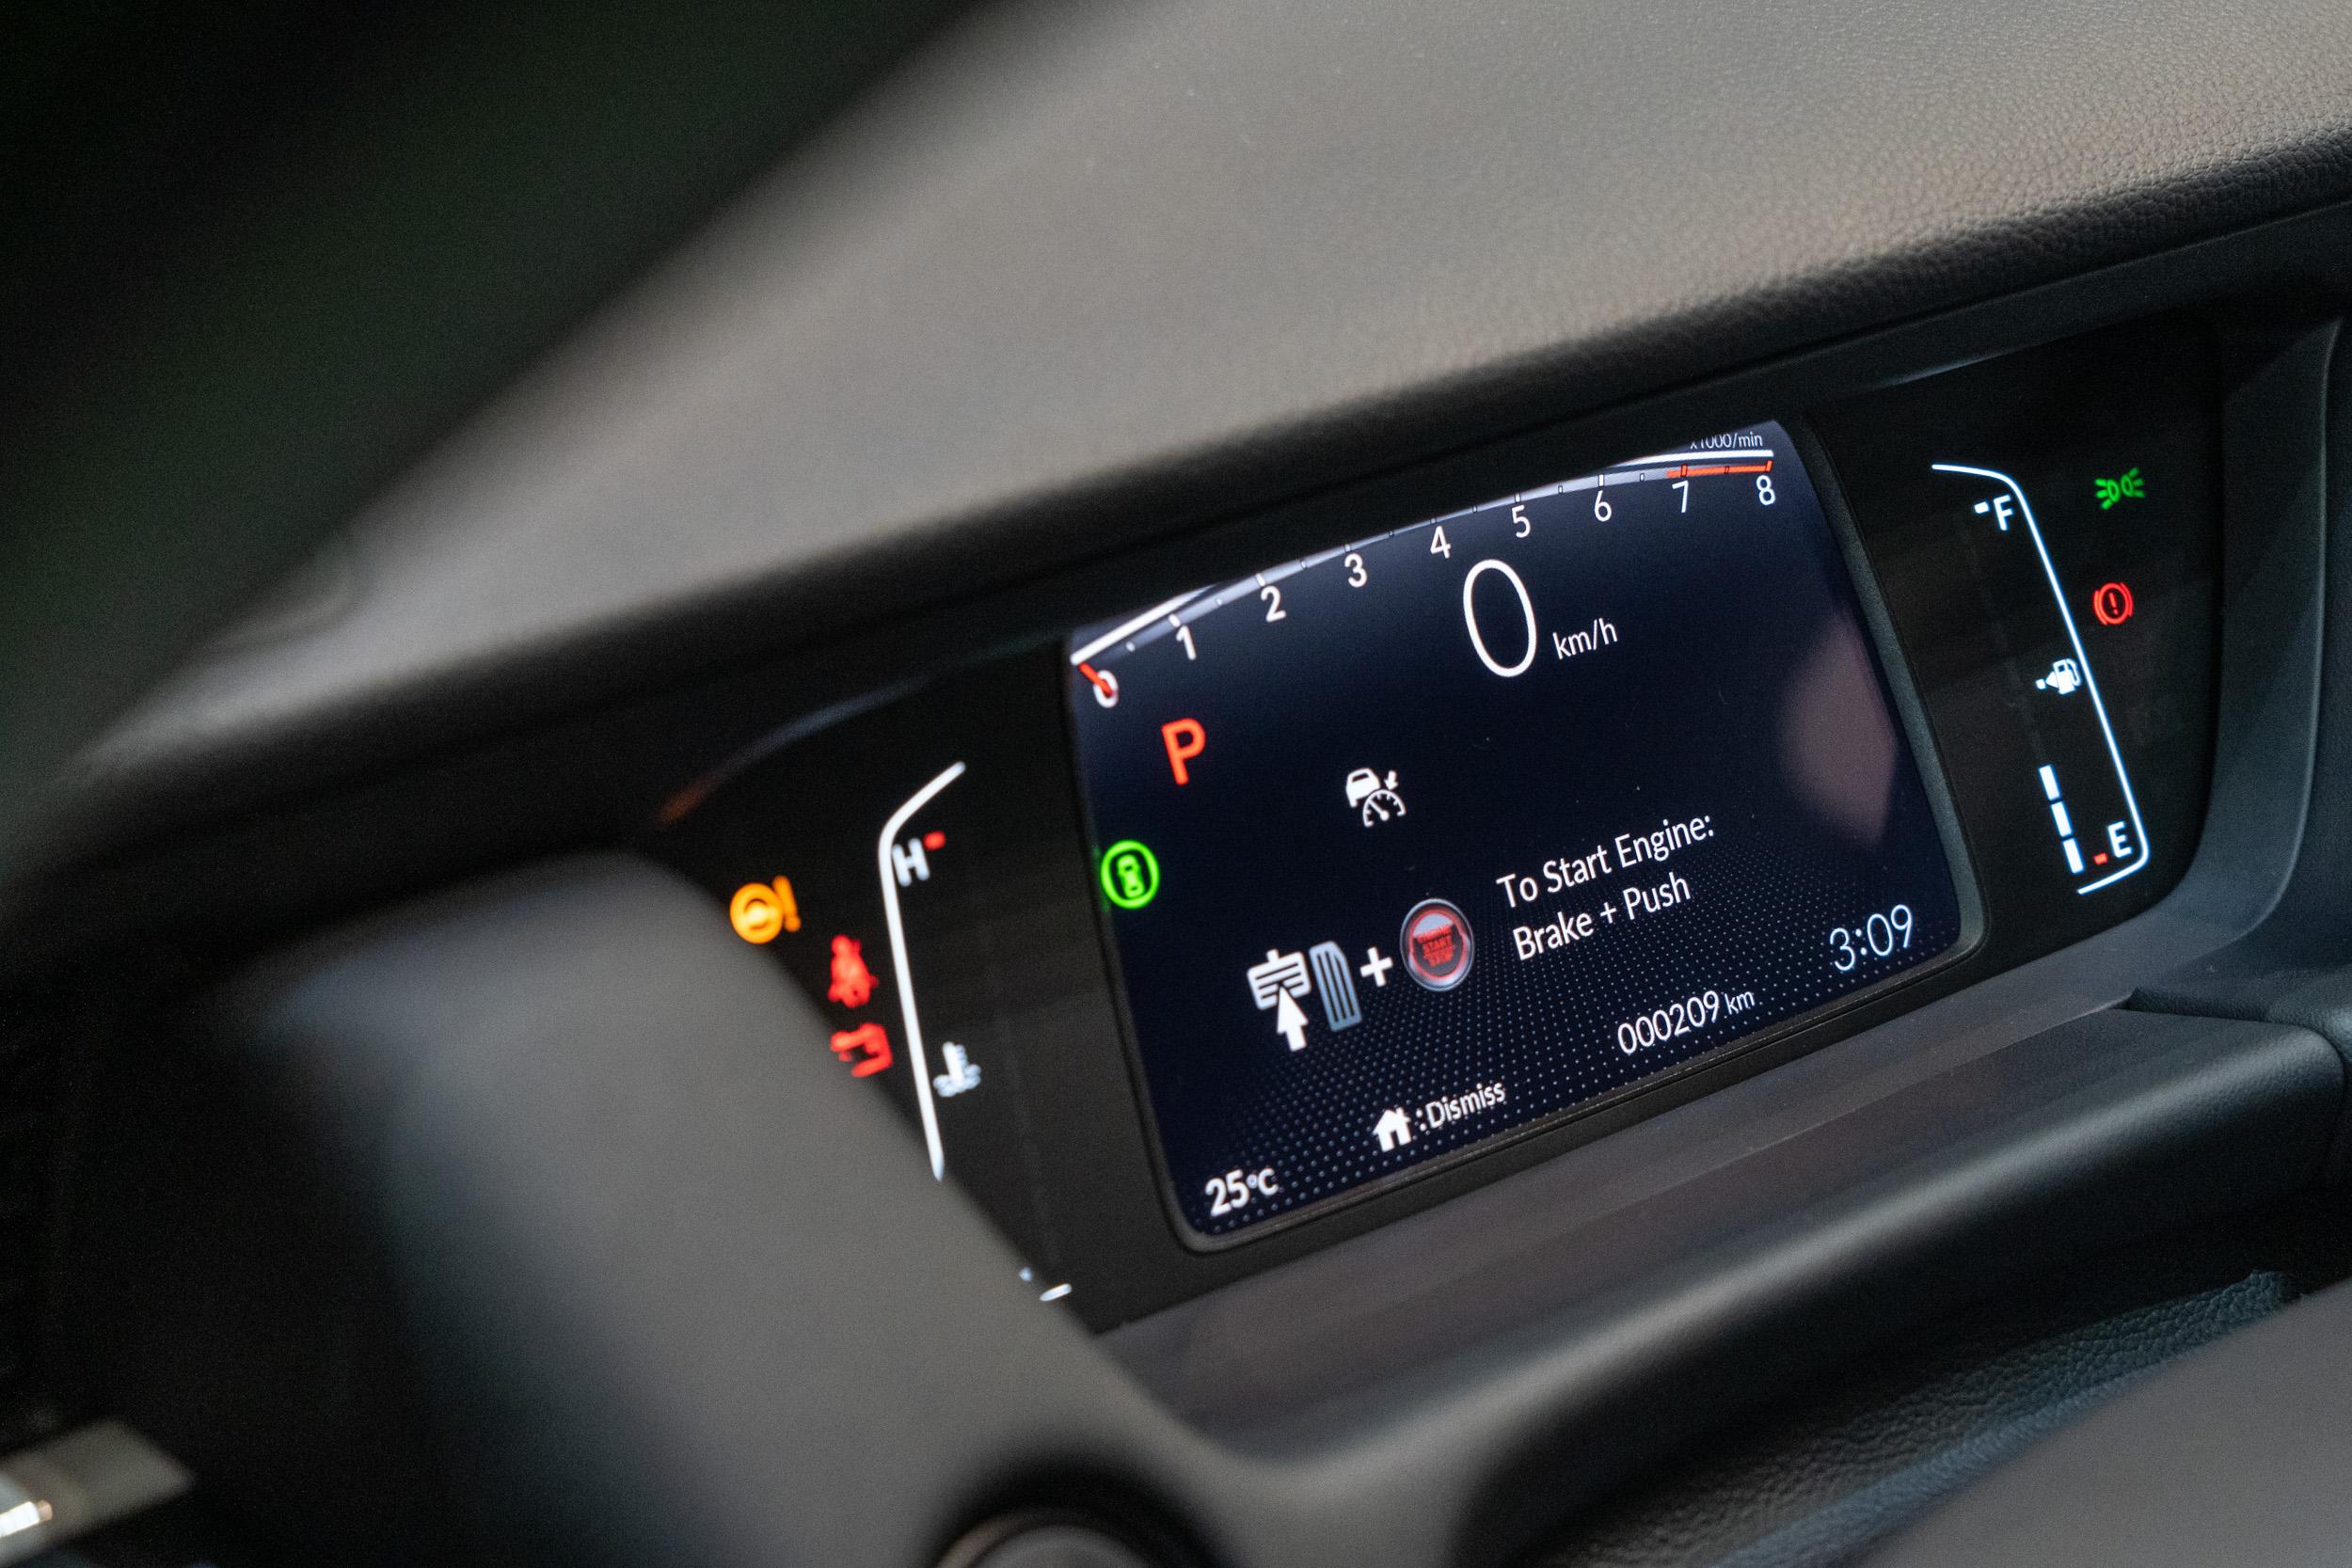 5 吋尺碼的前儀表板導入了TFT彩色液晶螢幕,並透過平面化的圖像設計,讓資訊讀取更為清晰容易。